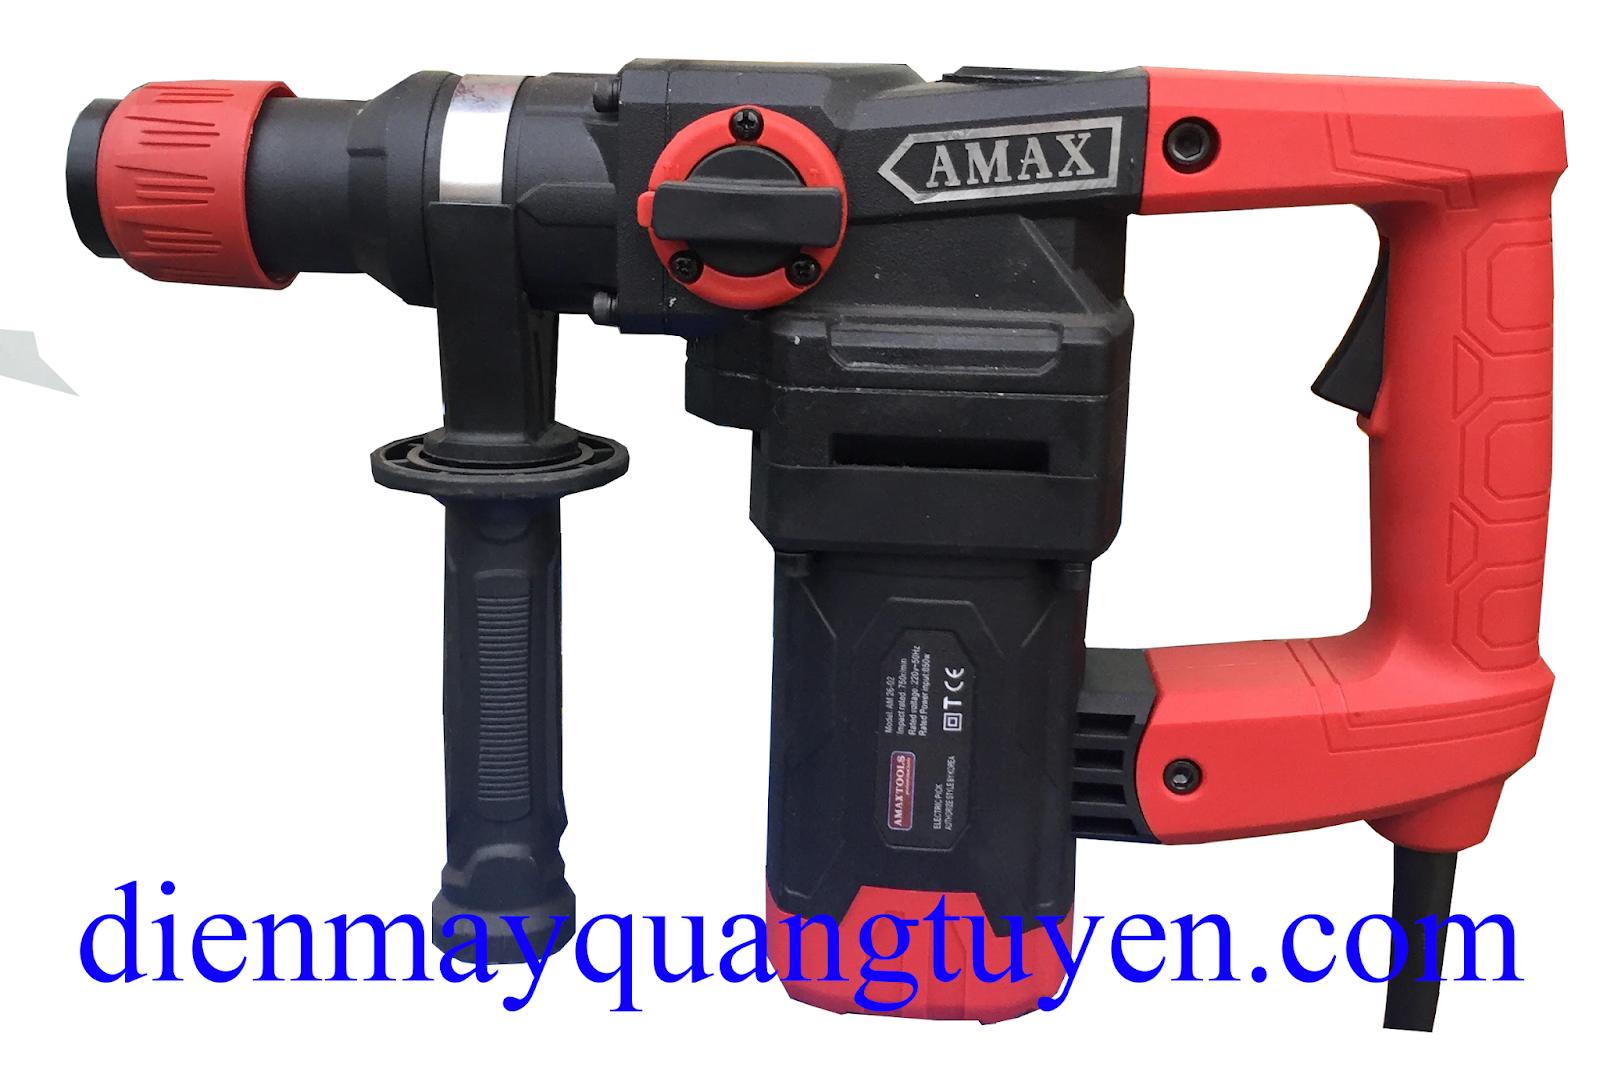 Máy khoan đục Amax AM26-02